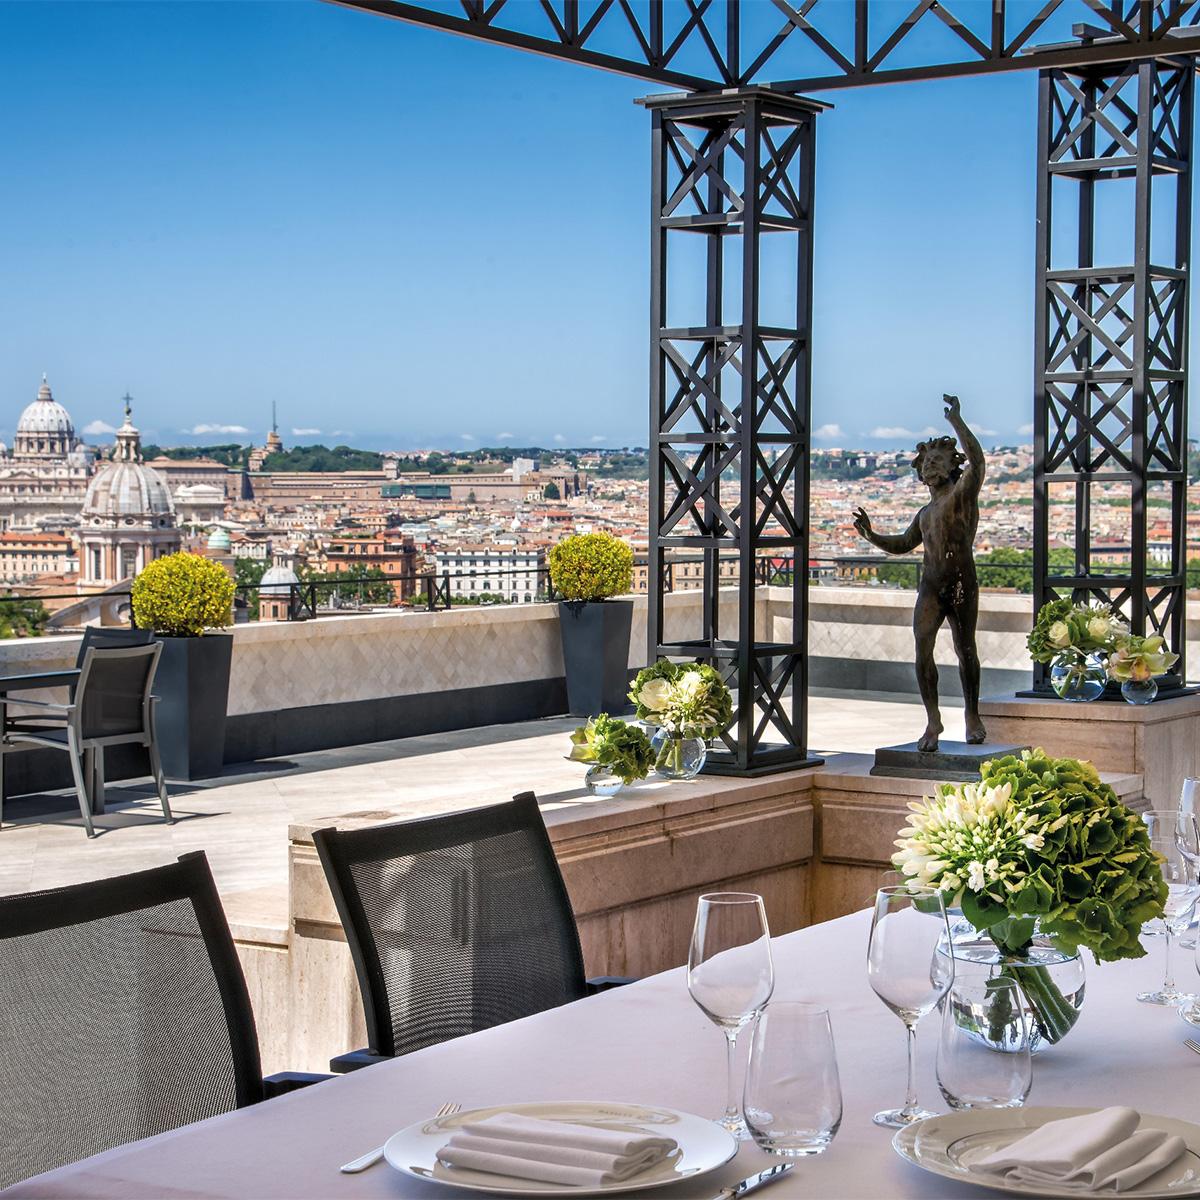 Penthouse Suite Villa Medici terrace